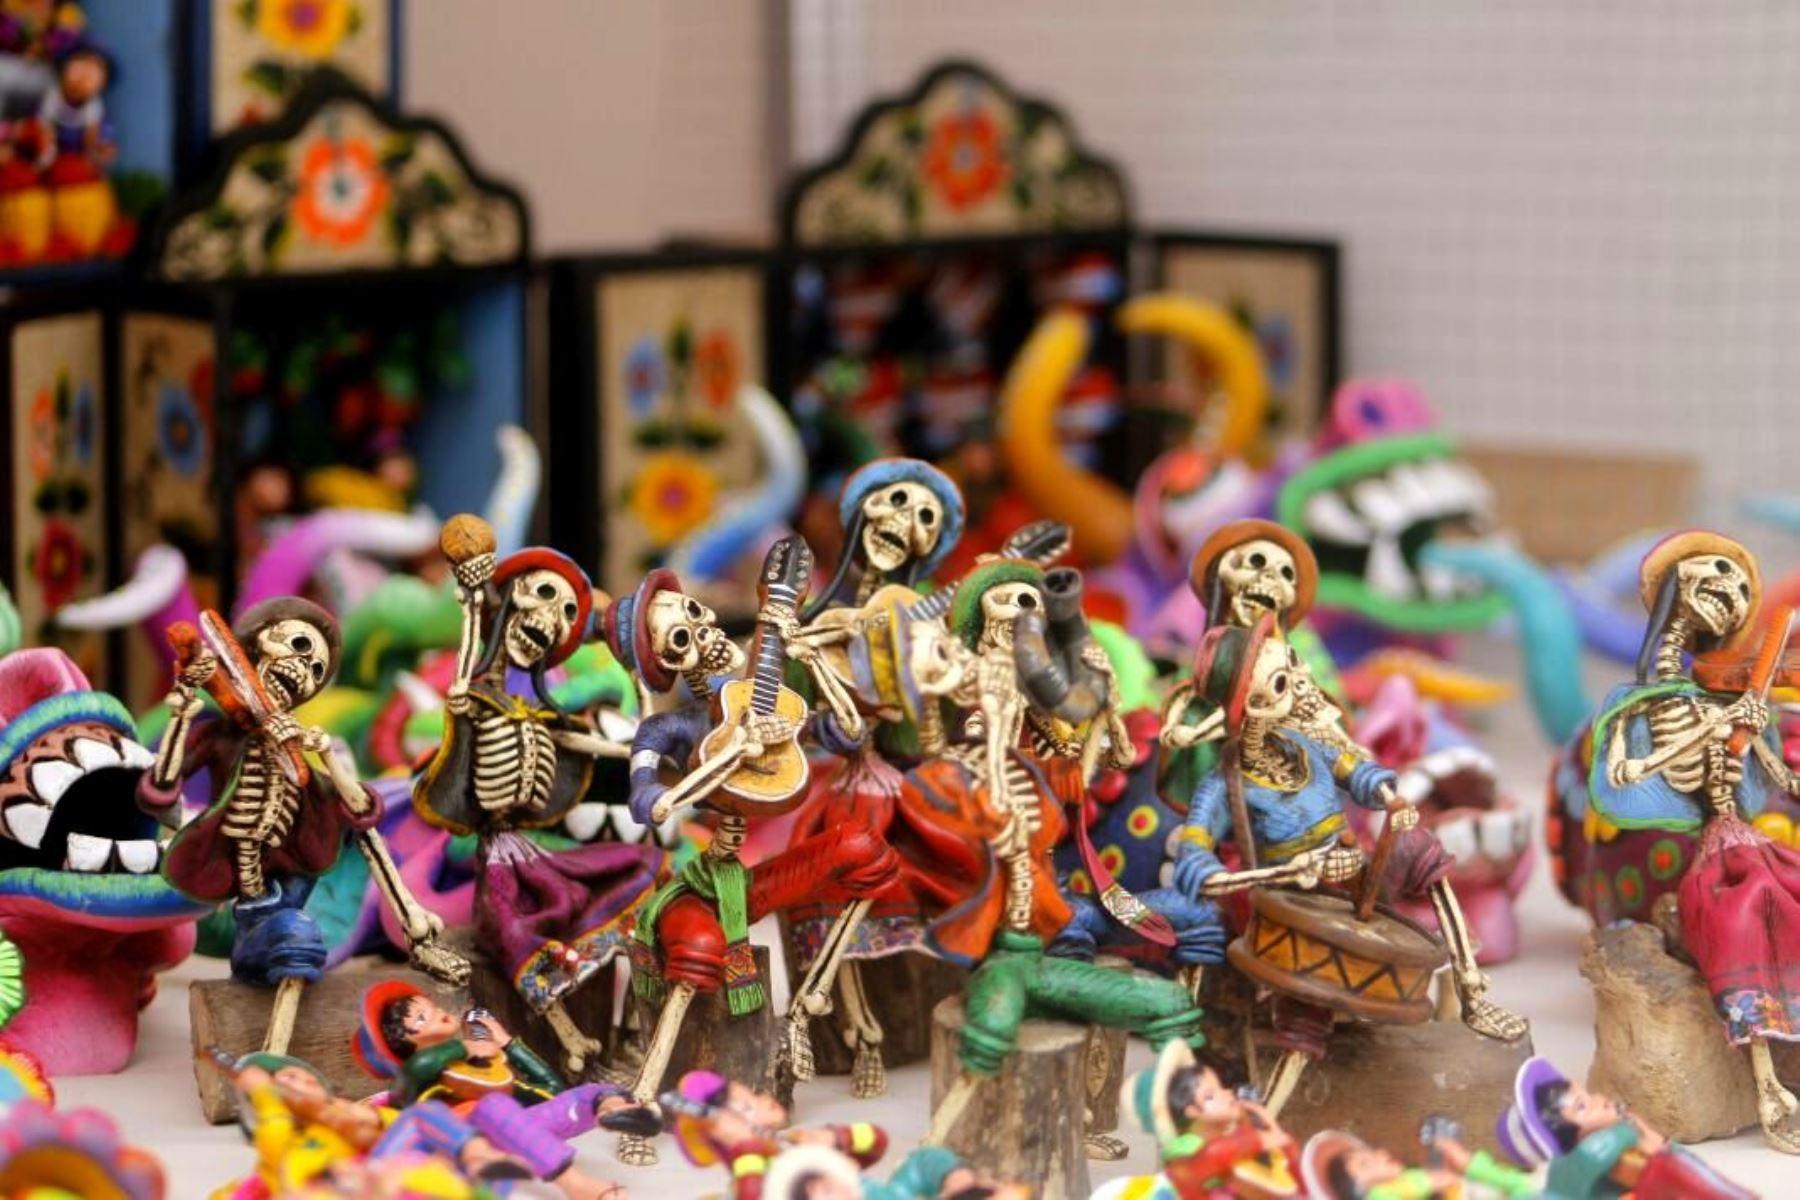 Artesanos mostrarán sus mejores trabajos en Feria Manos Creadoras 2018. Foto: ANDINA/Difusión.